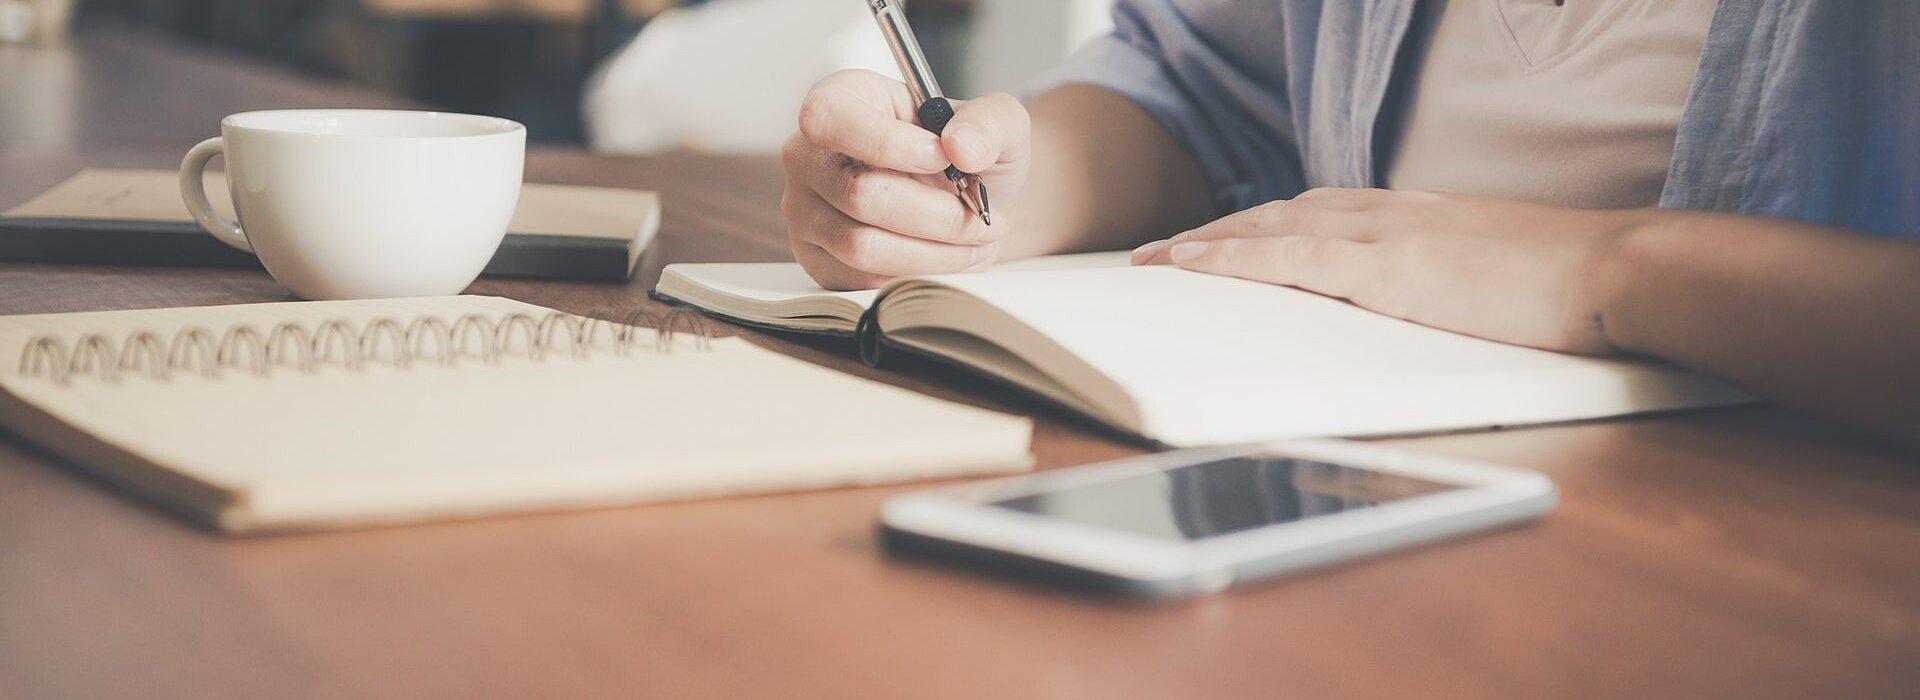 mesa com caderno, tablet e pessoa escrevendo